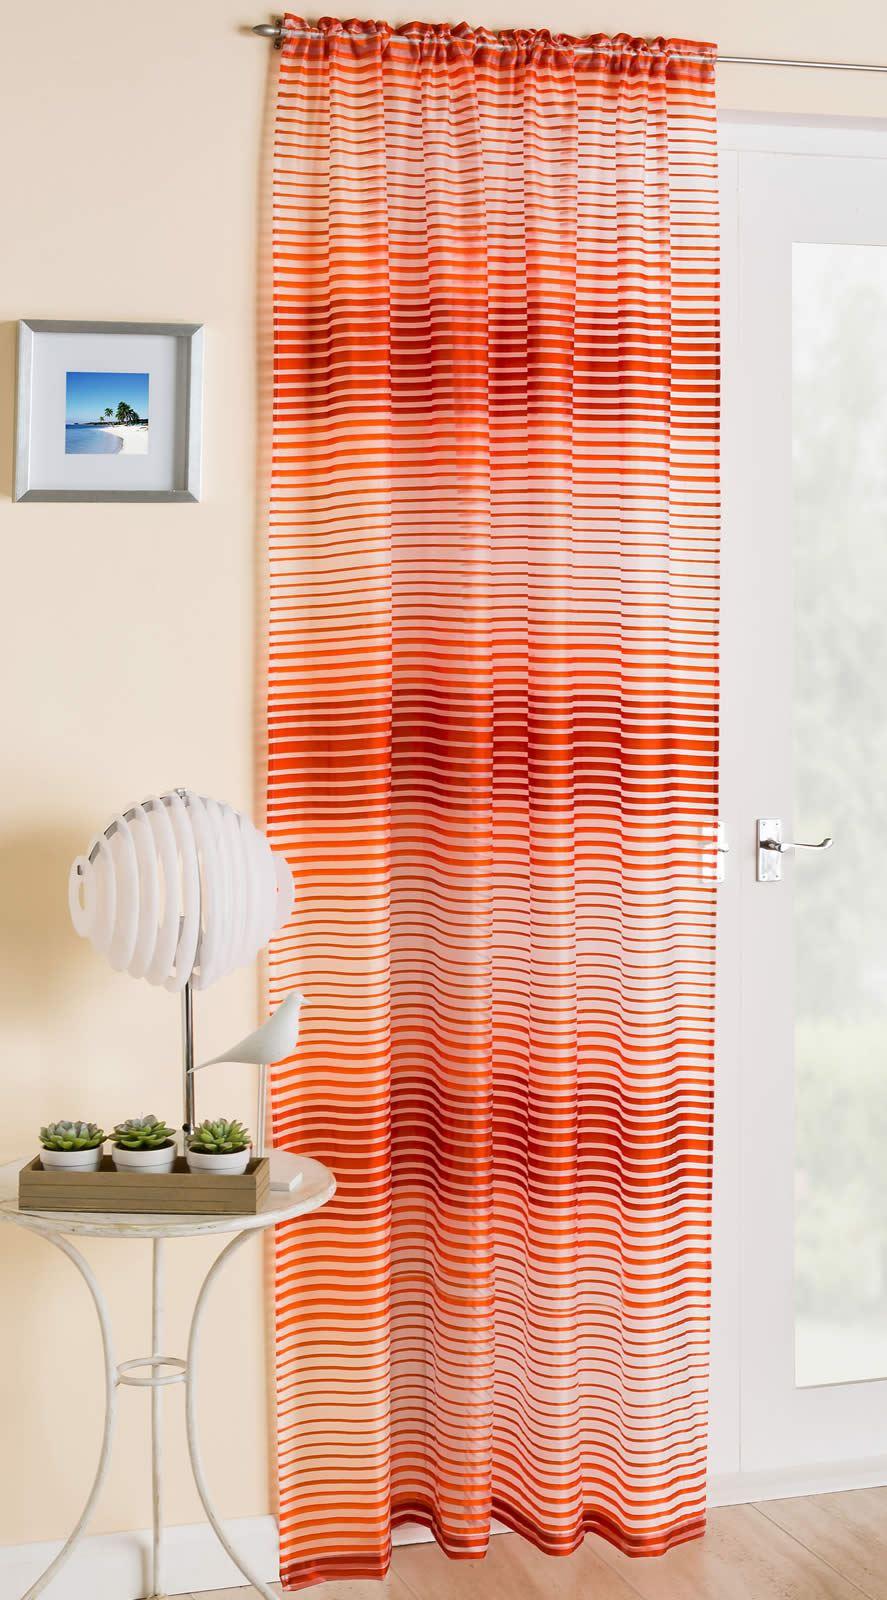 rideaux panneau de voile rideau la barbade bleu gris rouge orange ebay. Black Bedroom Furniture Sets. Home Design Ideas